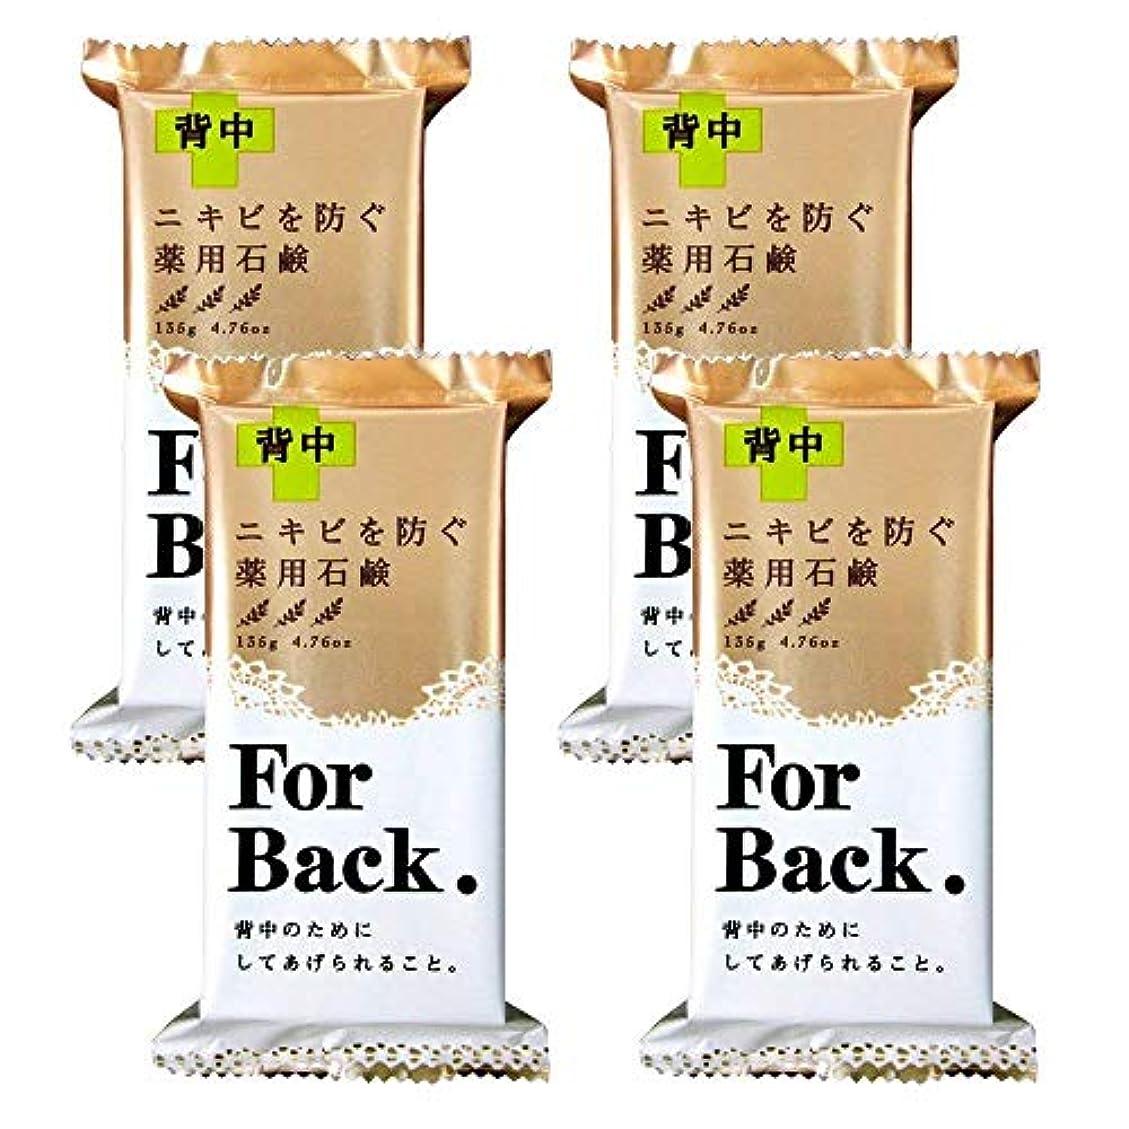 トロイの木馬比較精度薬用石鹸 ForBack 135g×4個セット